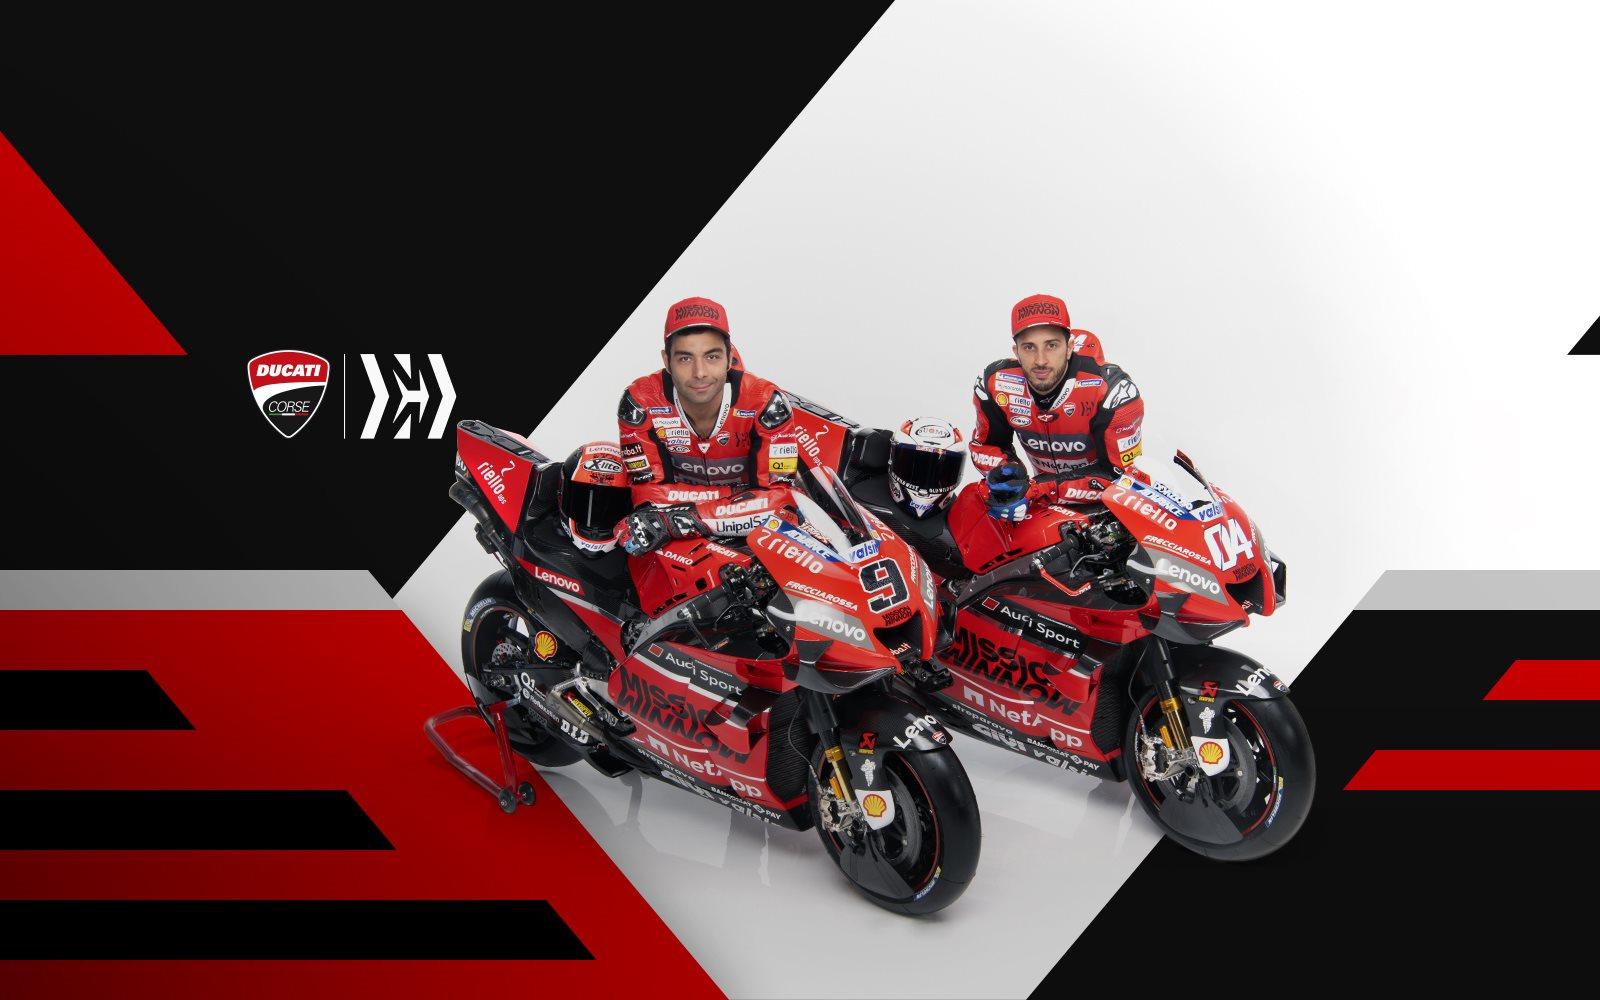 Die neuen Desmosedici GP und unsere Fahrer Danilo Petrucci und Andrea Doviziso sind bereit für die Rennstrecke! Wir freuen schon uns auf die neue Saison - Los geht es mit dem ersten Rennen am 8. März in Qatar. #ForzaDucati